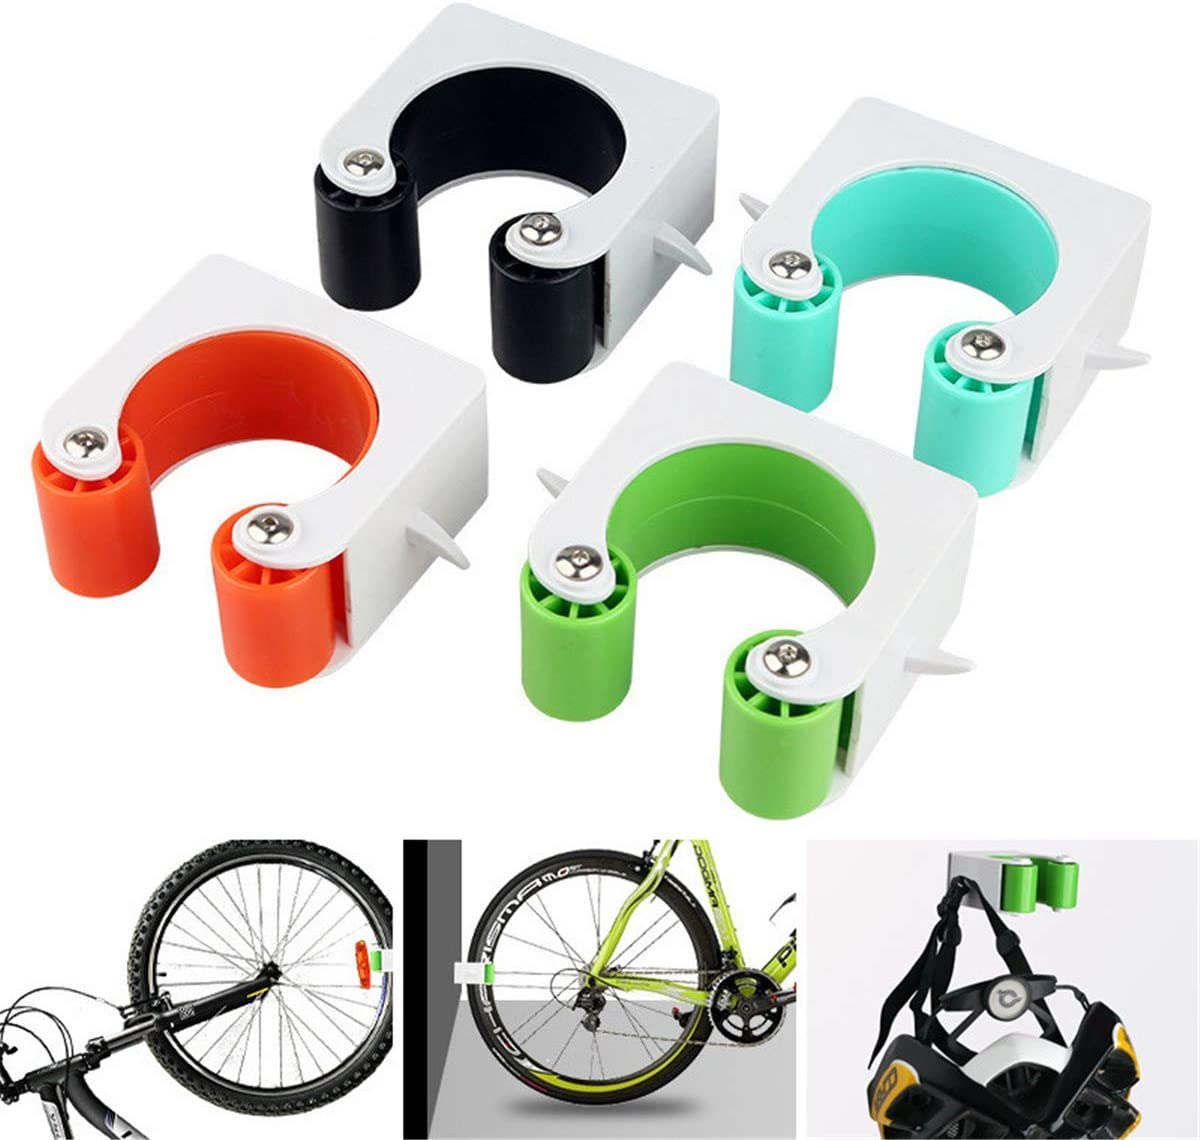 Fahrradparkschnalle Indoor-Fahrradparkplatz Fahrrad Wandhalterung Haken Fahrrad Rennrad Parkwerkzeuge F/ür Platzersparnis